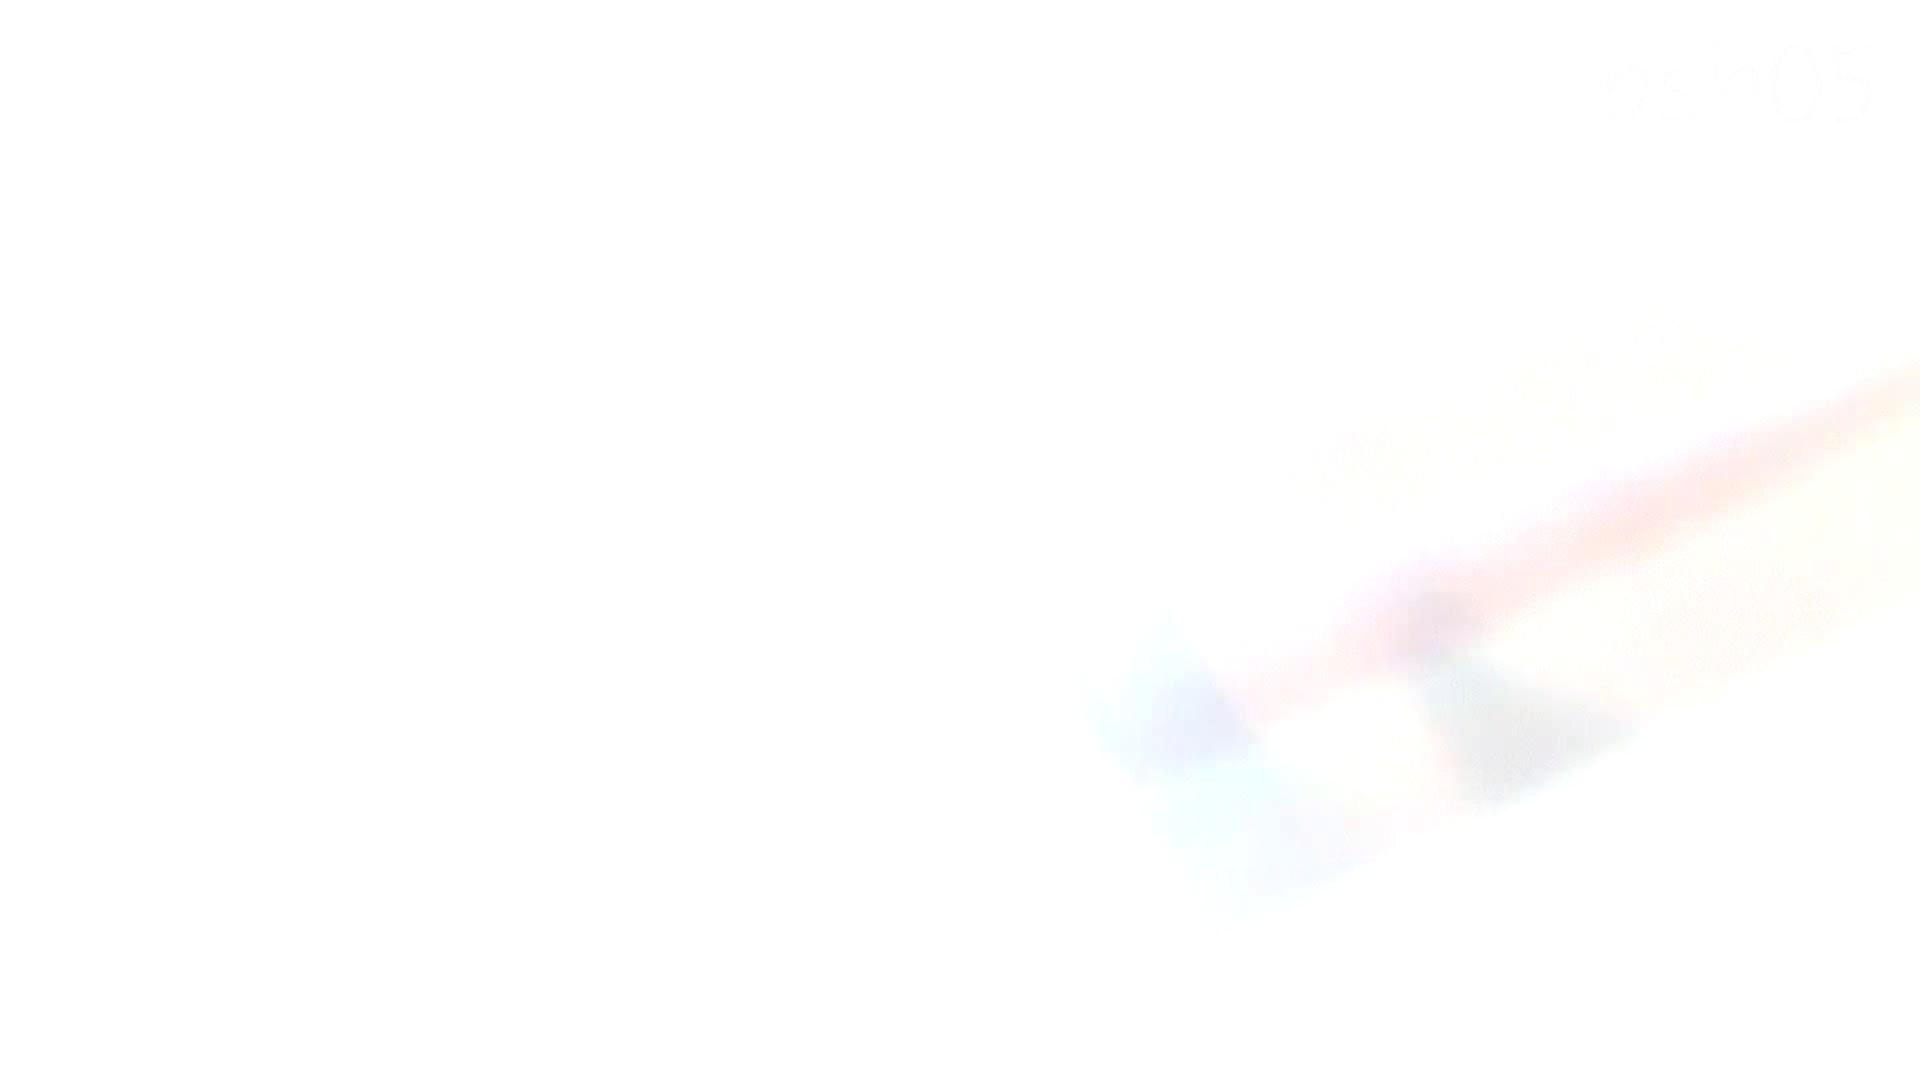 ▲復活限定▲ハイビジョン 盗神伝 Vol.5 期間限定シリーズ   洗面所  65画像 50